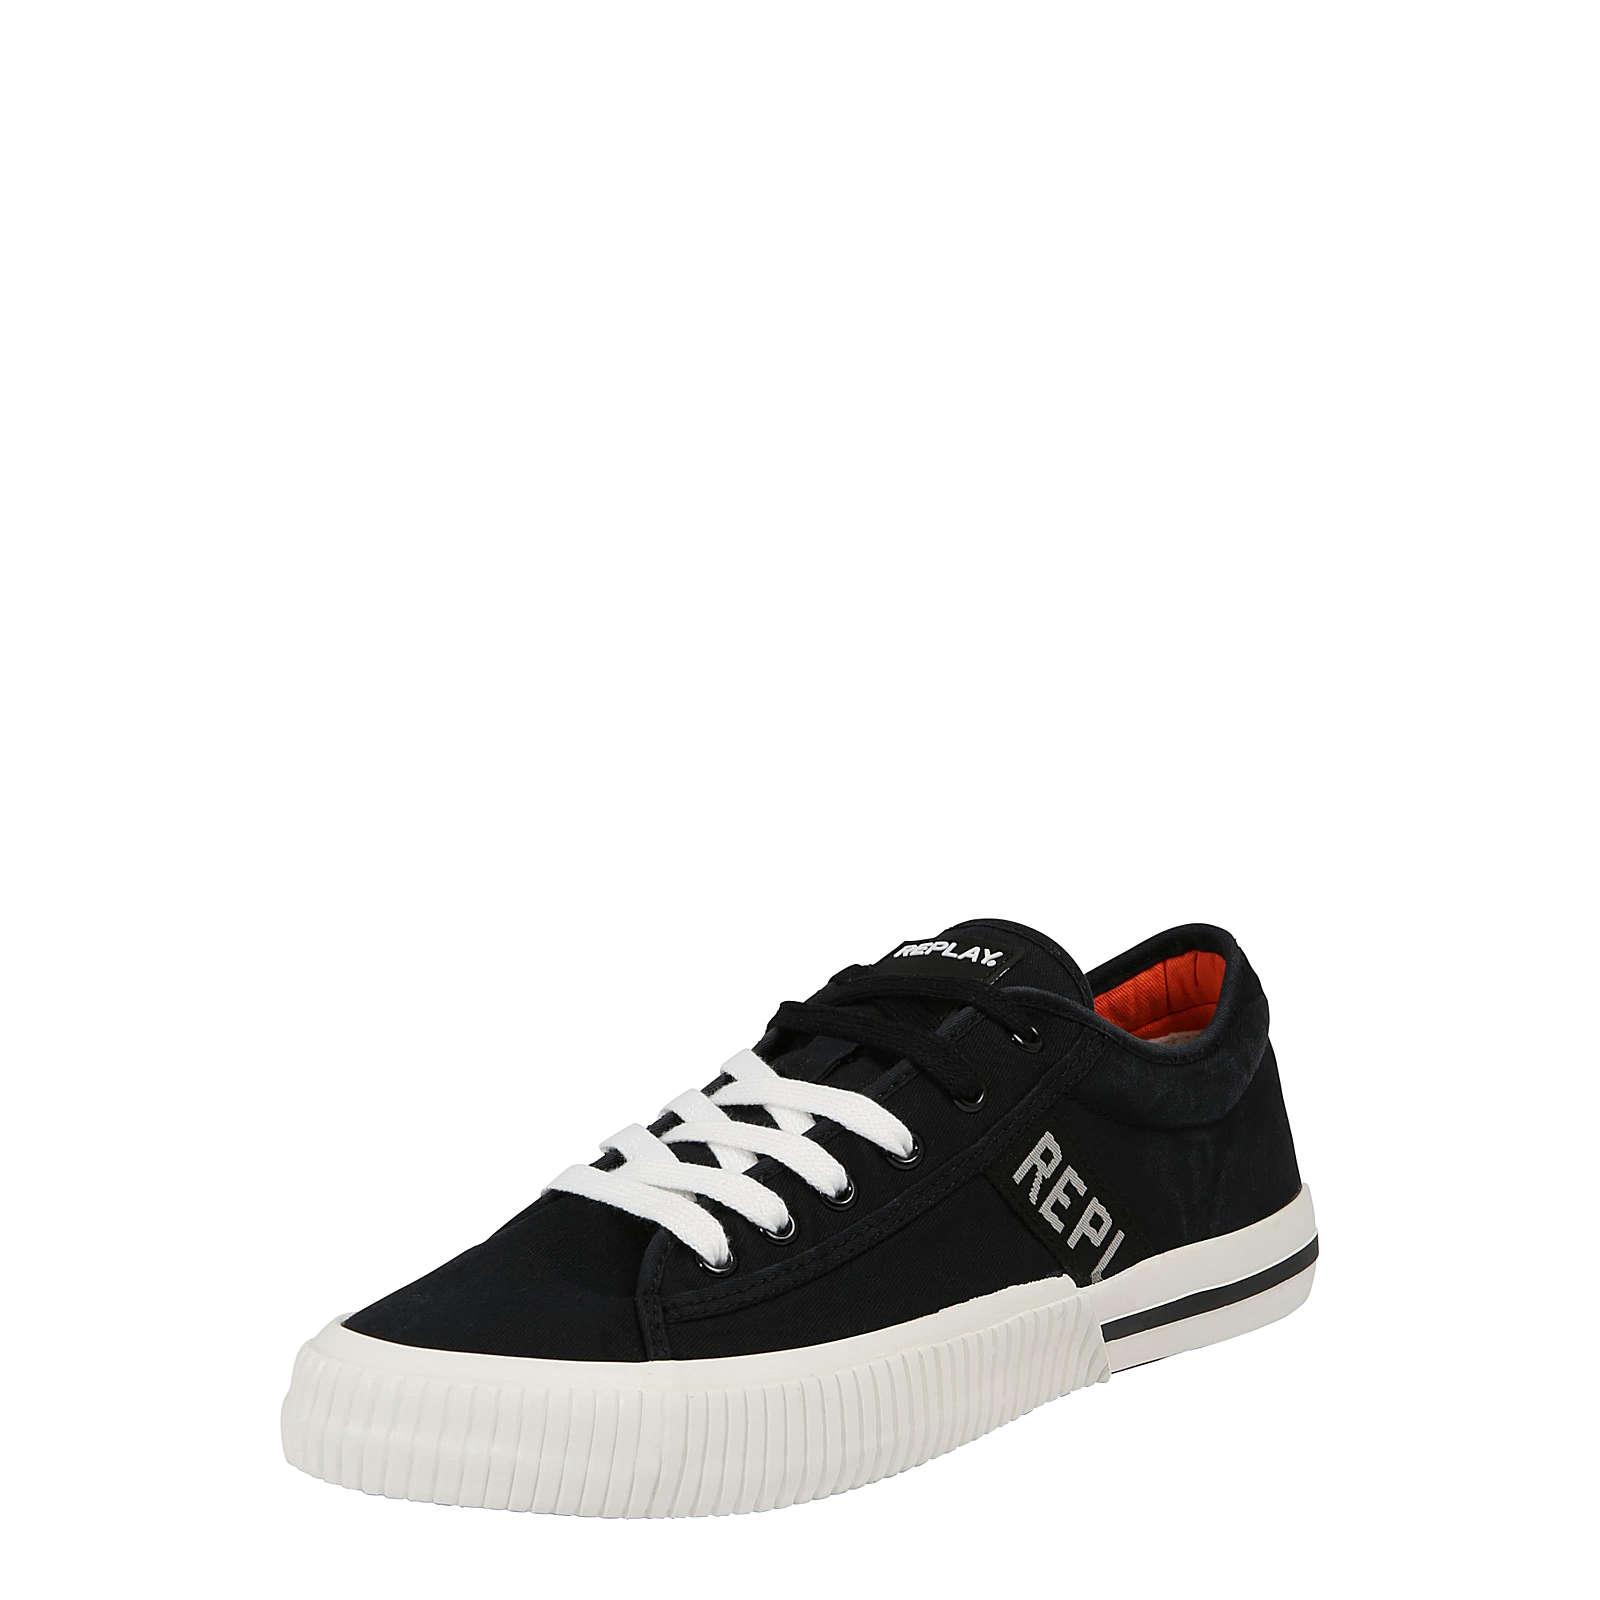 replay sneaker low sneakers low wei herren gr 41. Black Bedroom Furniture Sets. Home Design Ideas